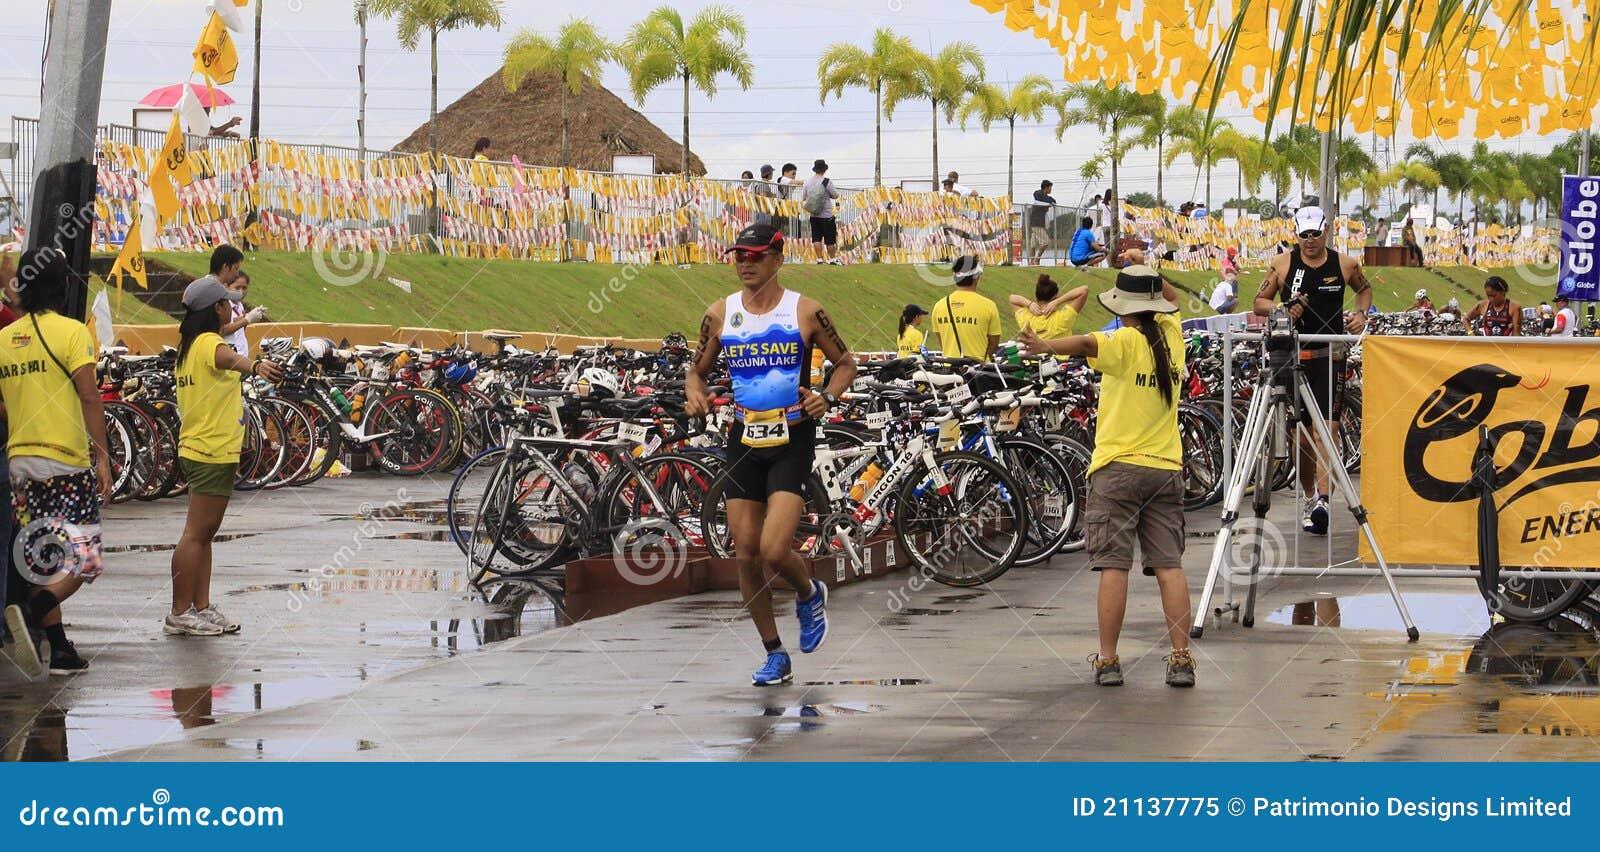 Ironman Philippines Marathon Run Race Finish Editorial